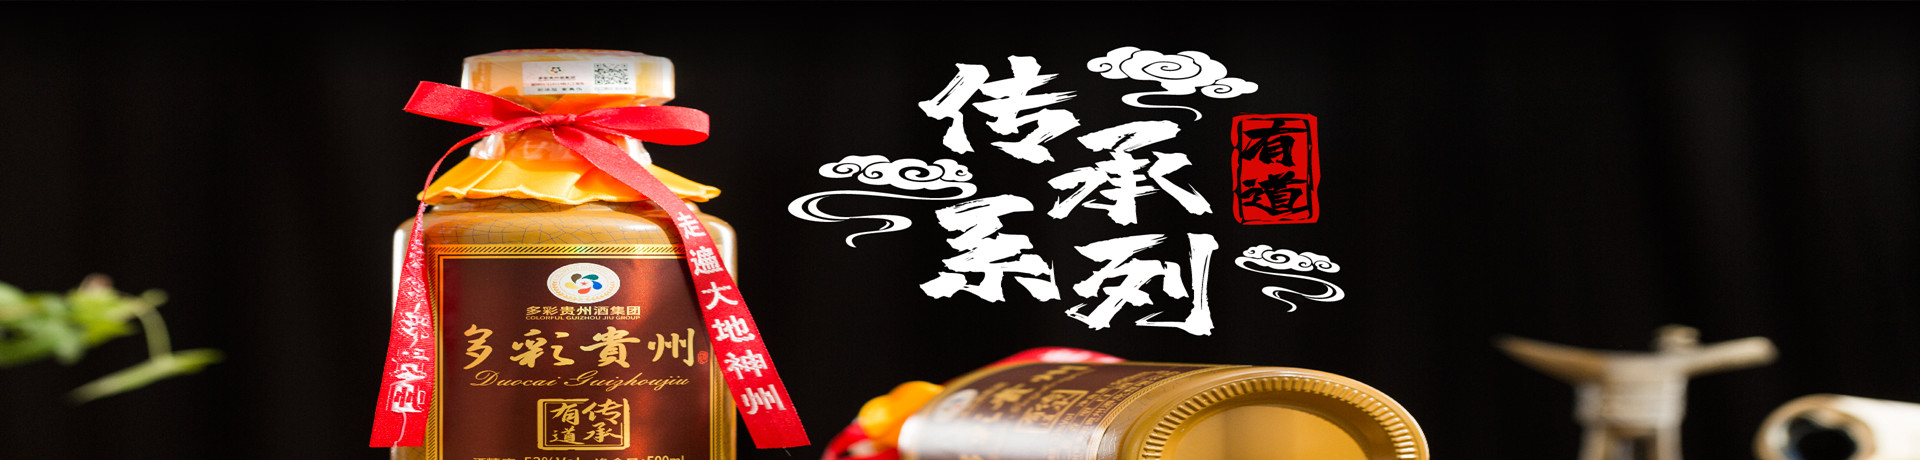 貴州多彩珍酒業有限公司公司介紹